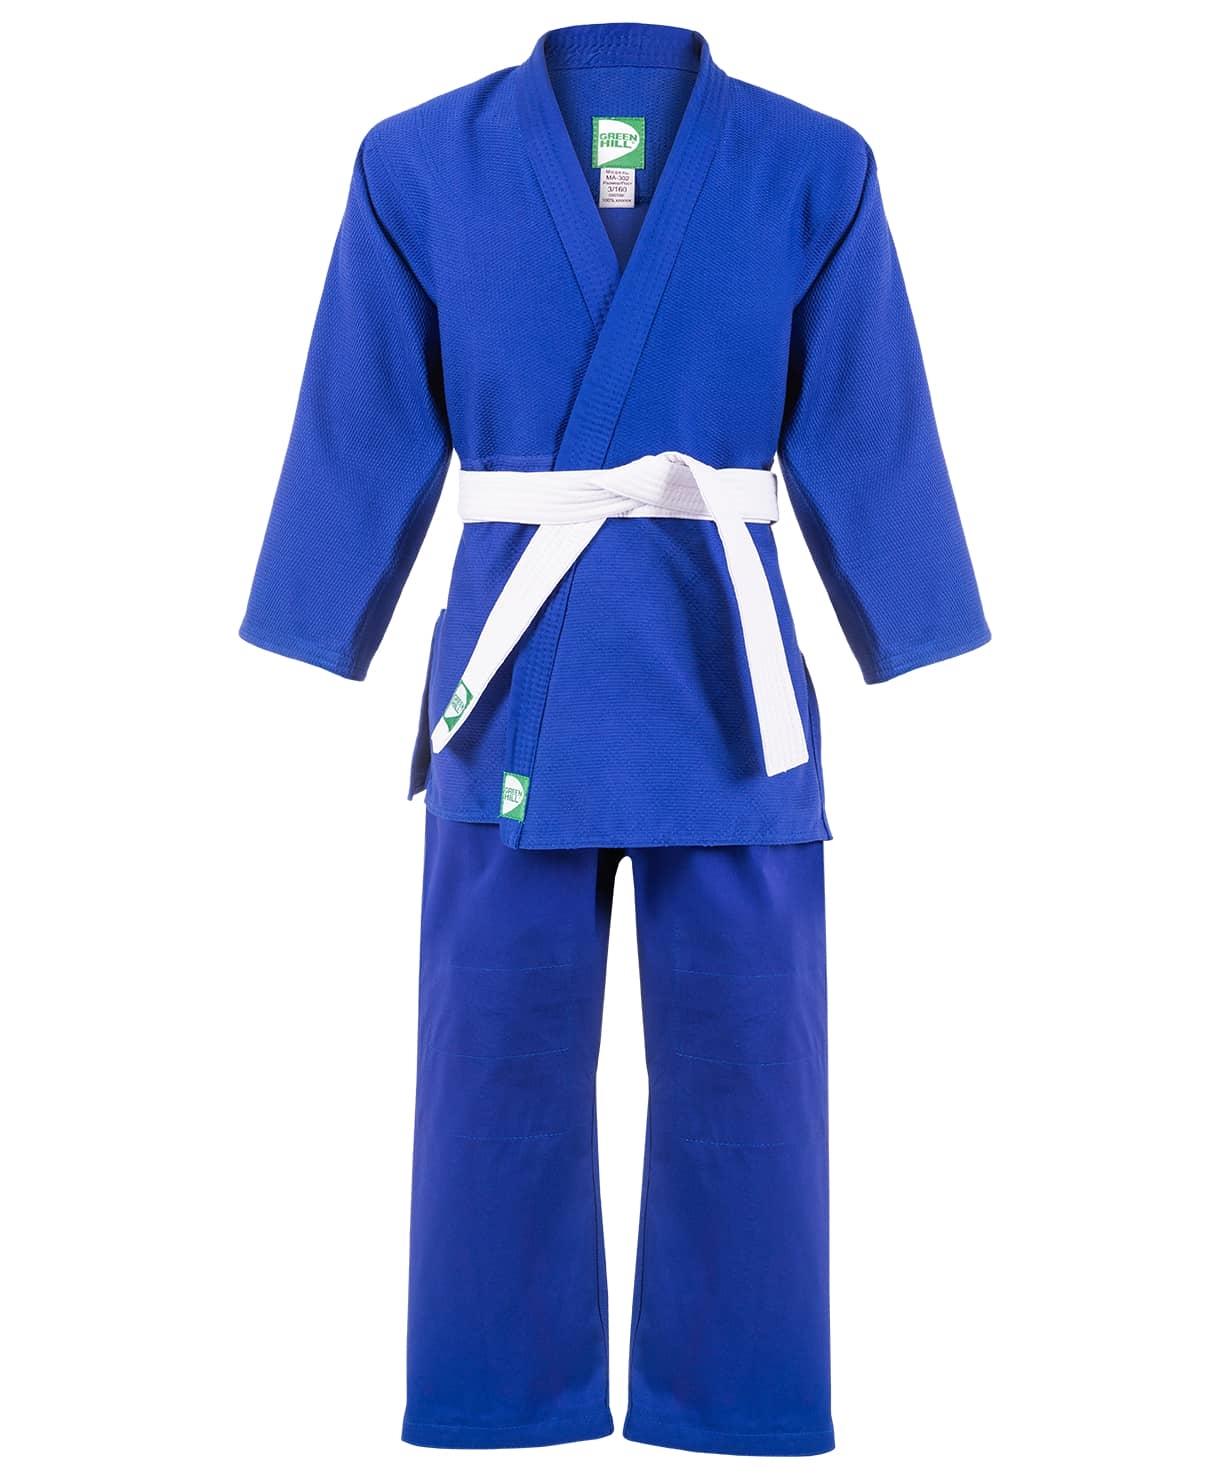 Кимоно для дзюдо MA-302 синий, р.0/130